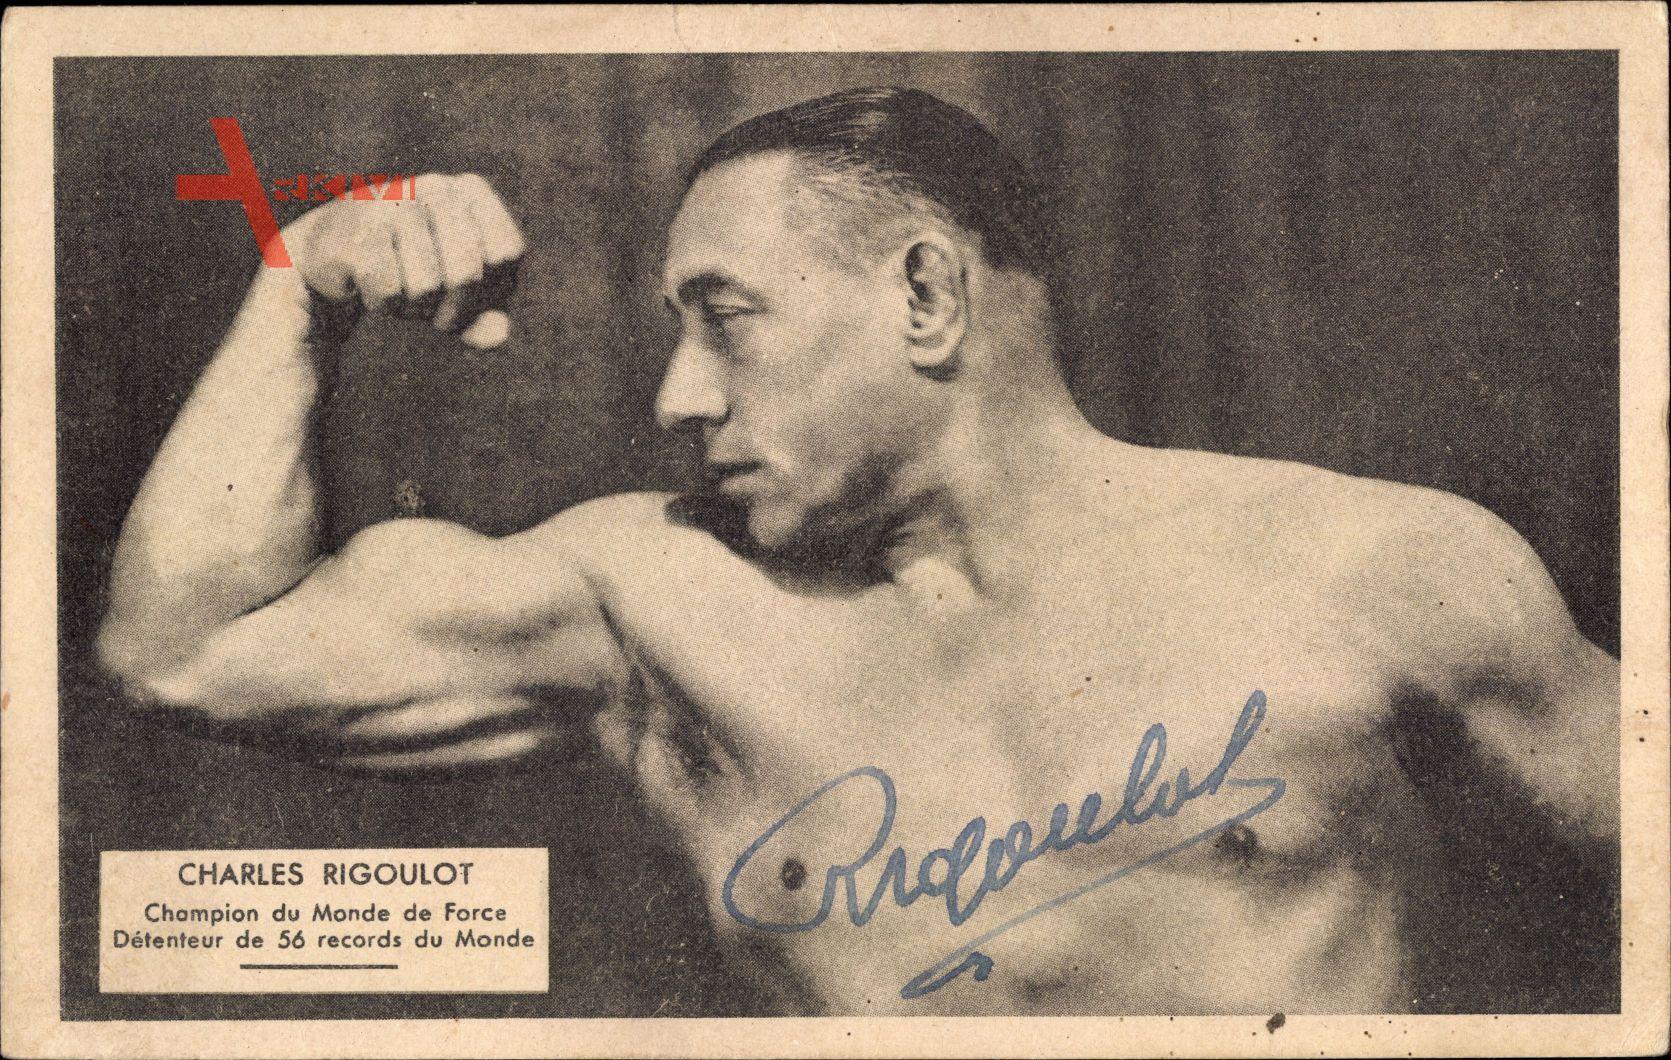 Charles Rigoulot, Champion du Monde de Force, Körperkultur